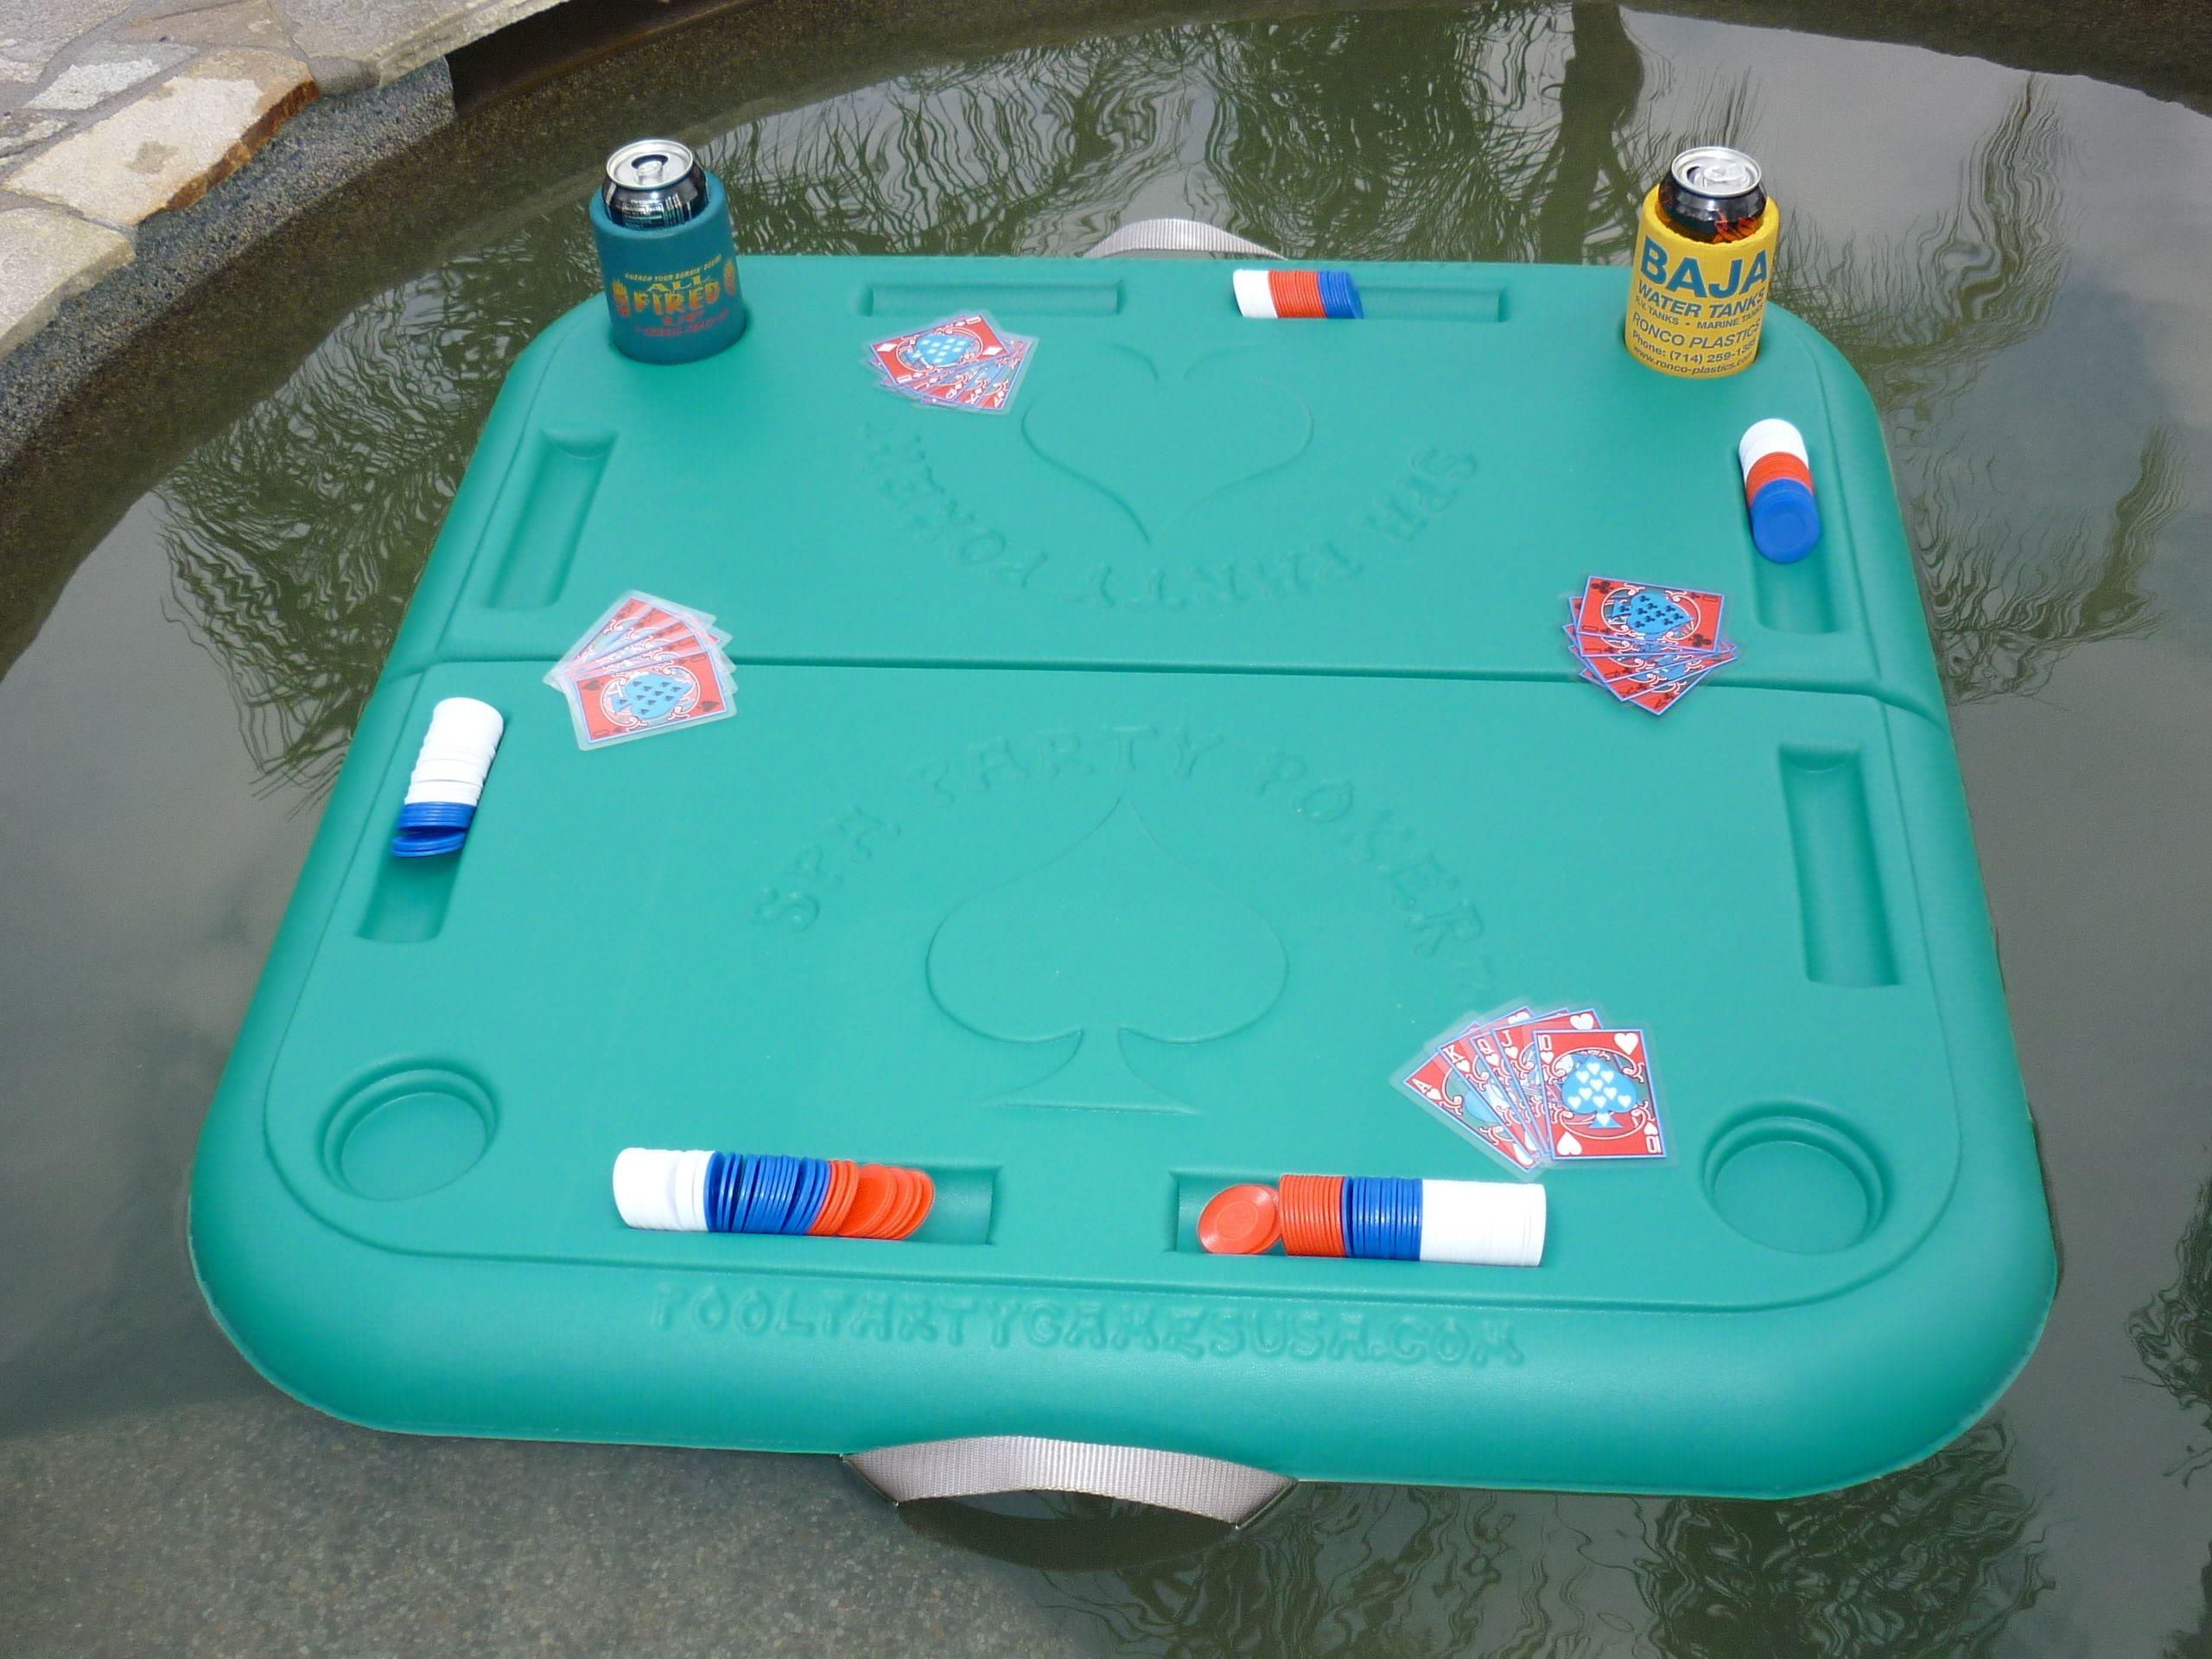 Poker float